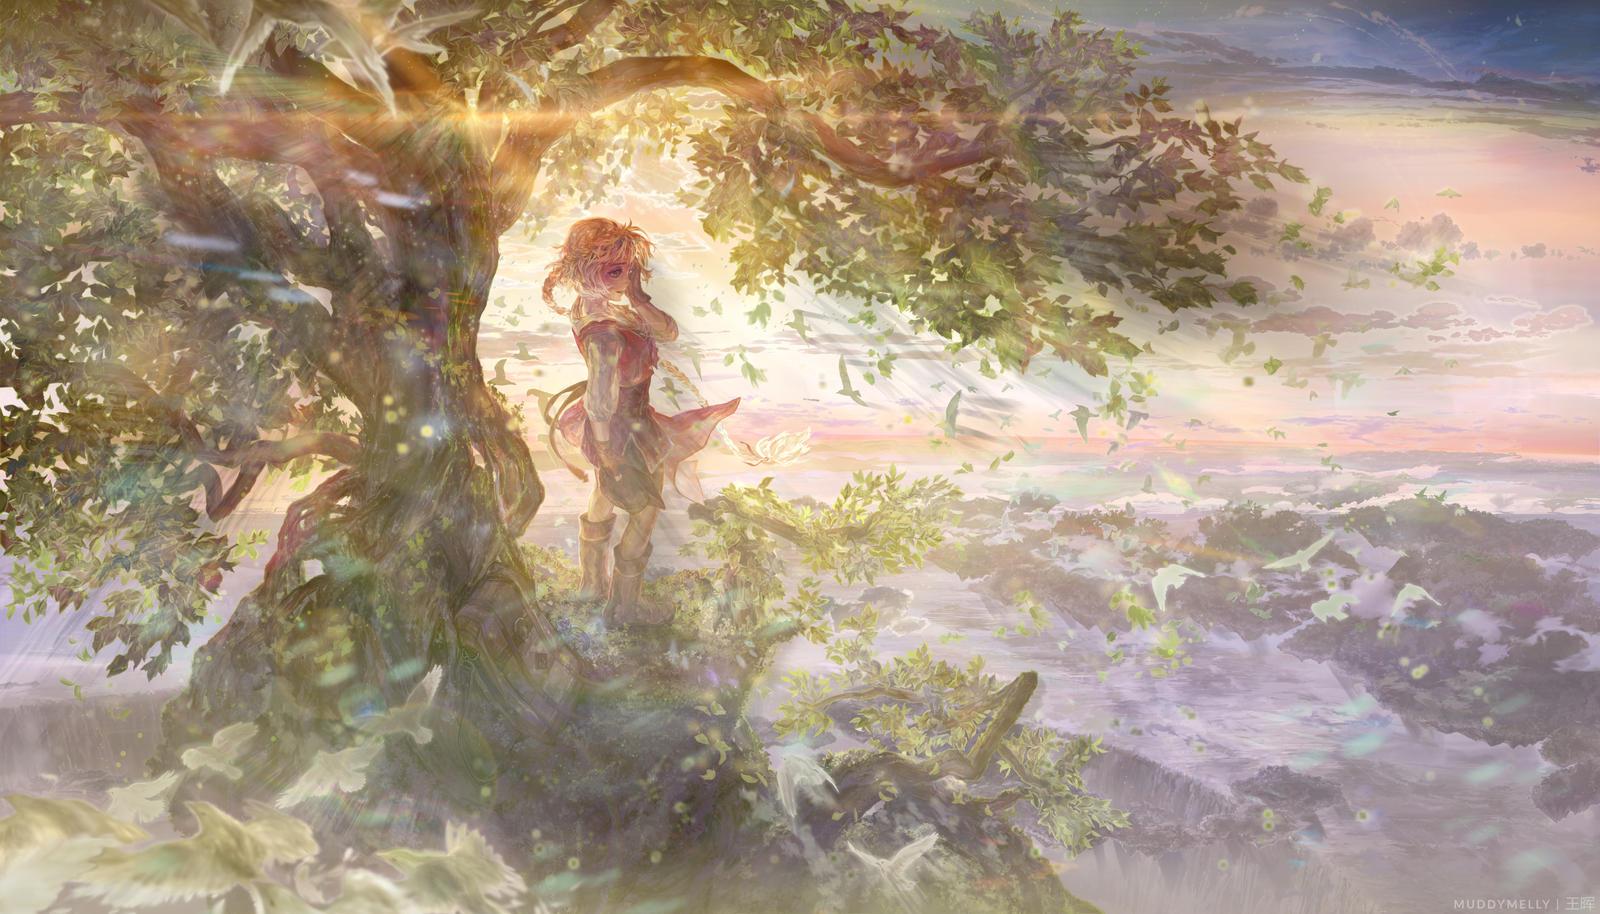 [Commission] Dies Irae: Phantatiom Elements by muddymelly